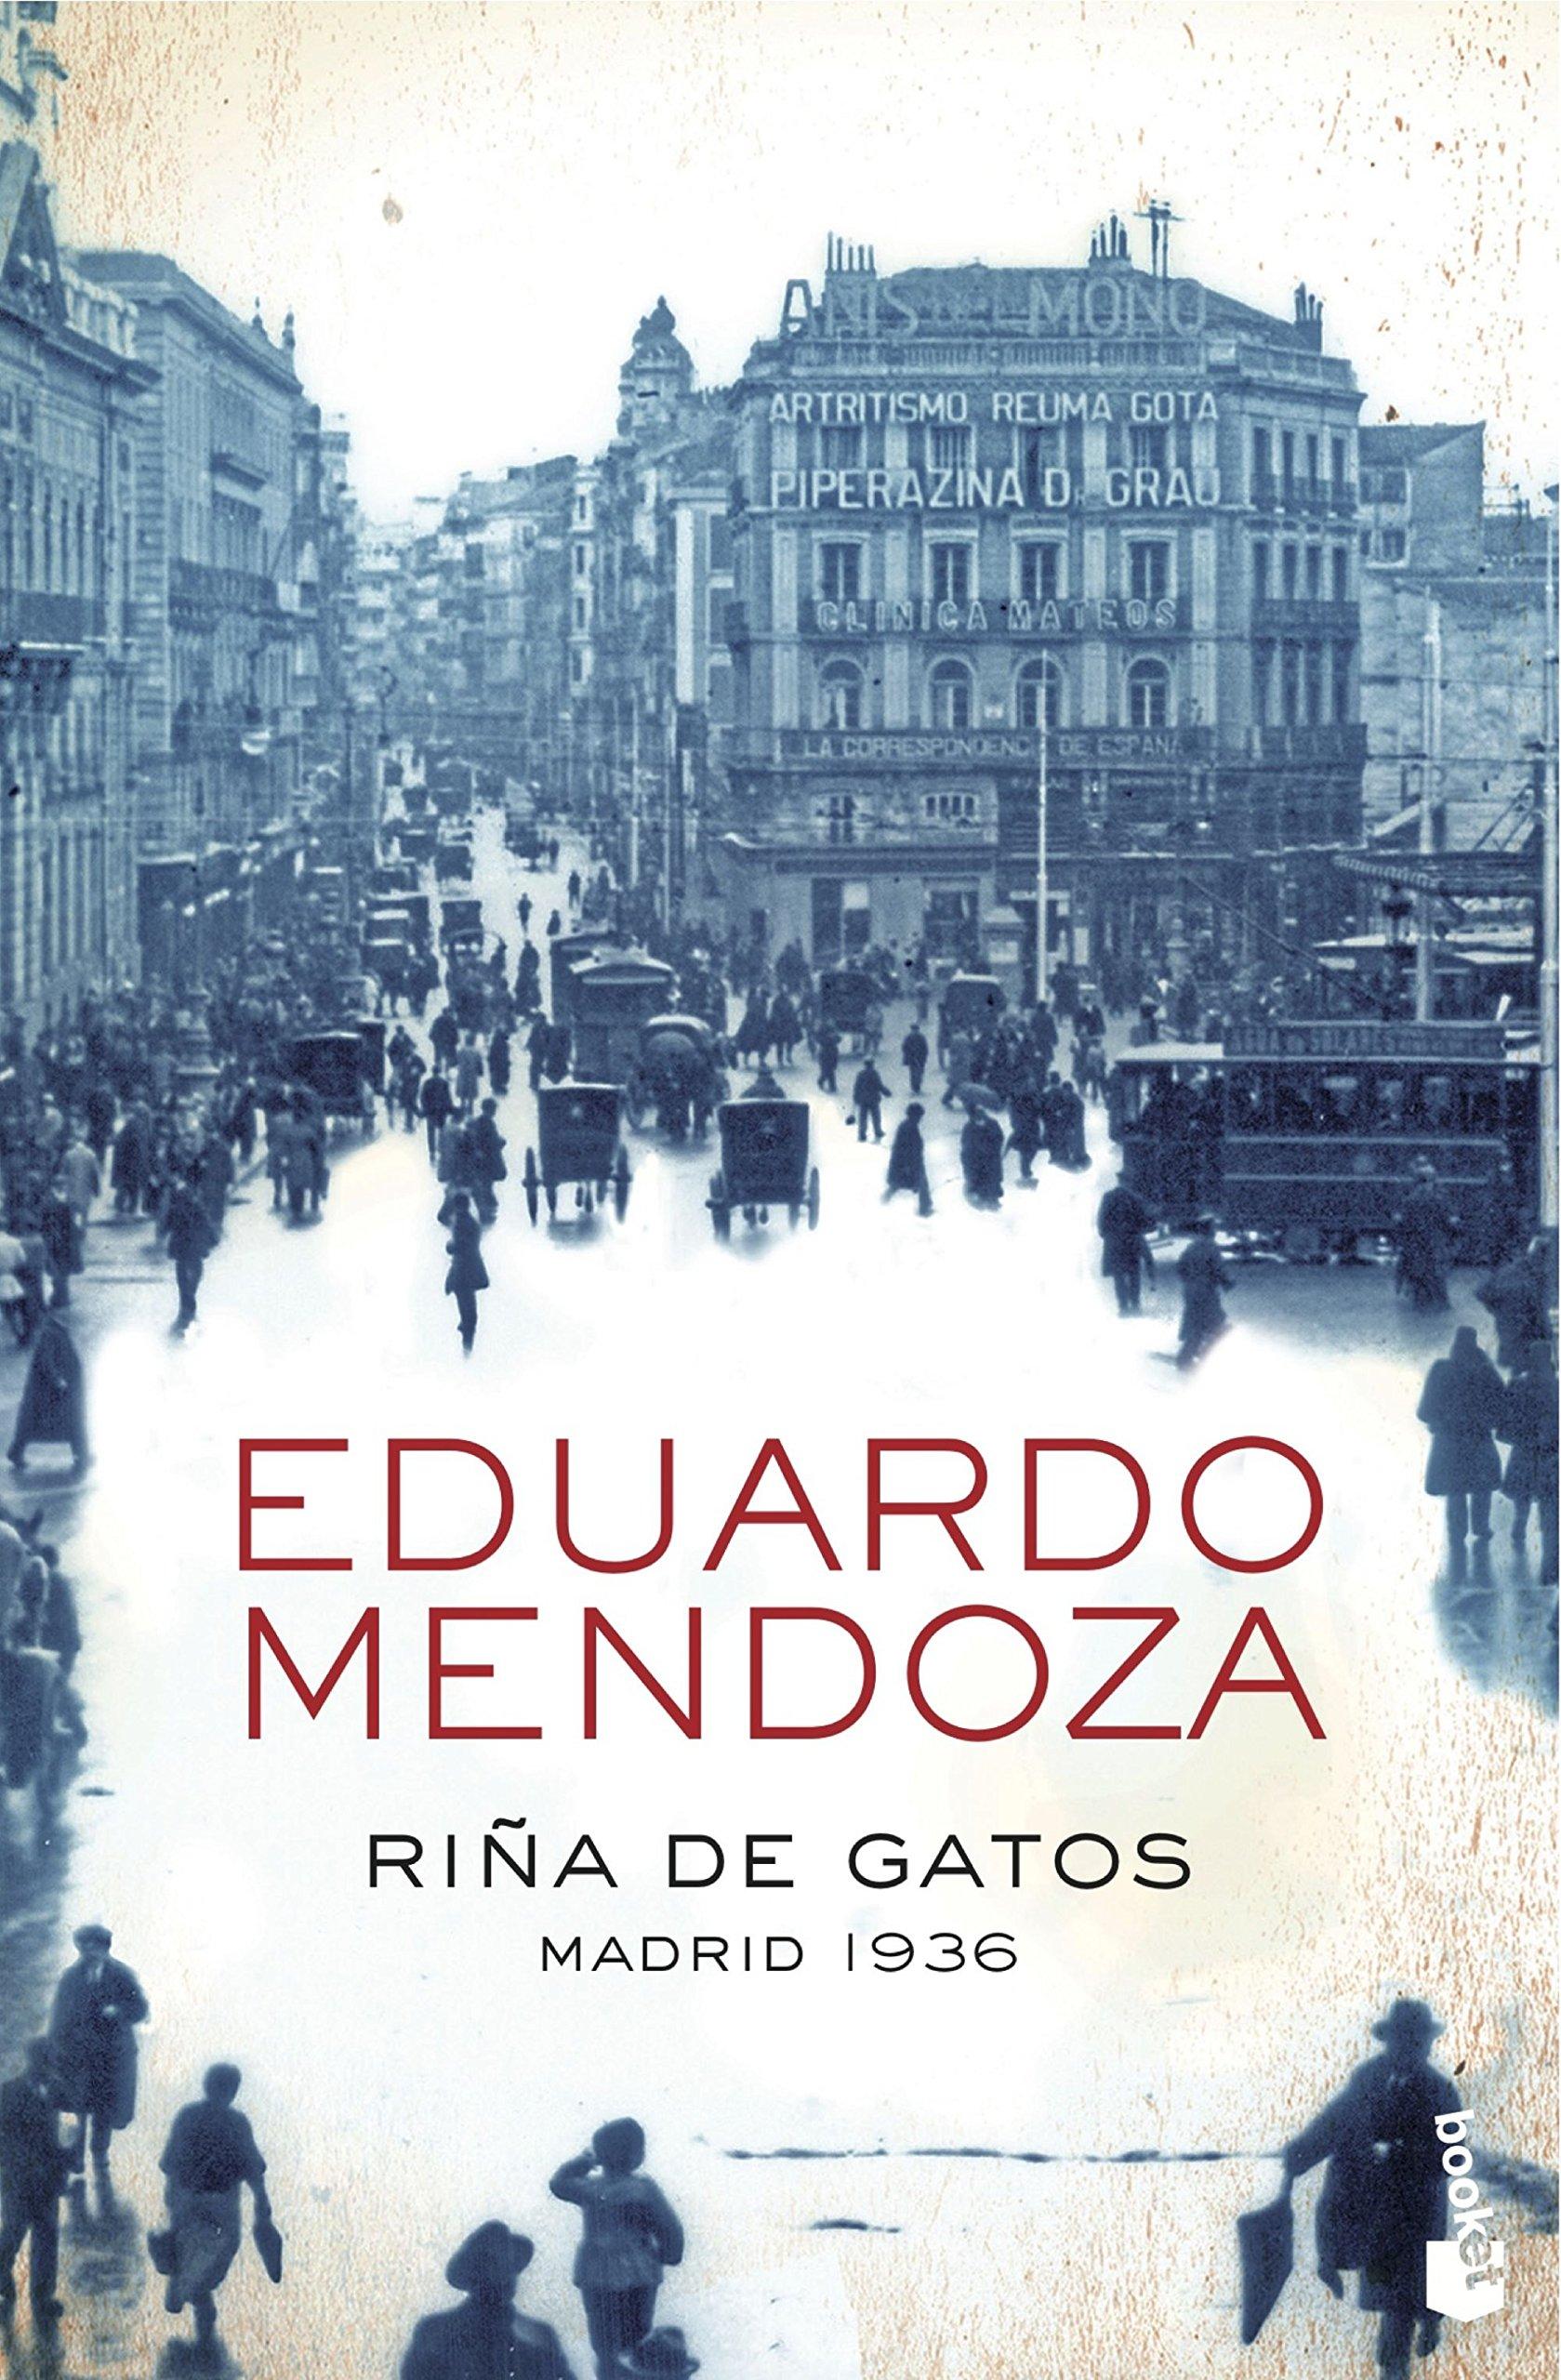 Ri?a de gatos. Madrid 1936: EDUARDO MENDOZA: 9788408004370: Amazon.com: Books